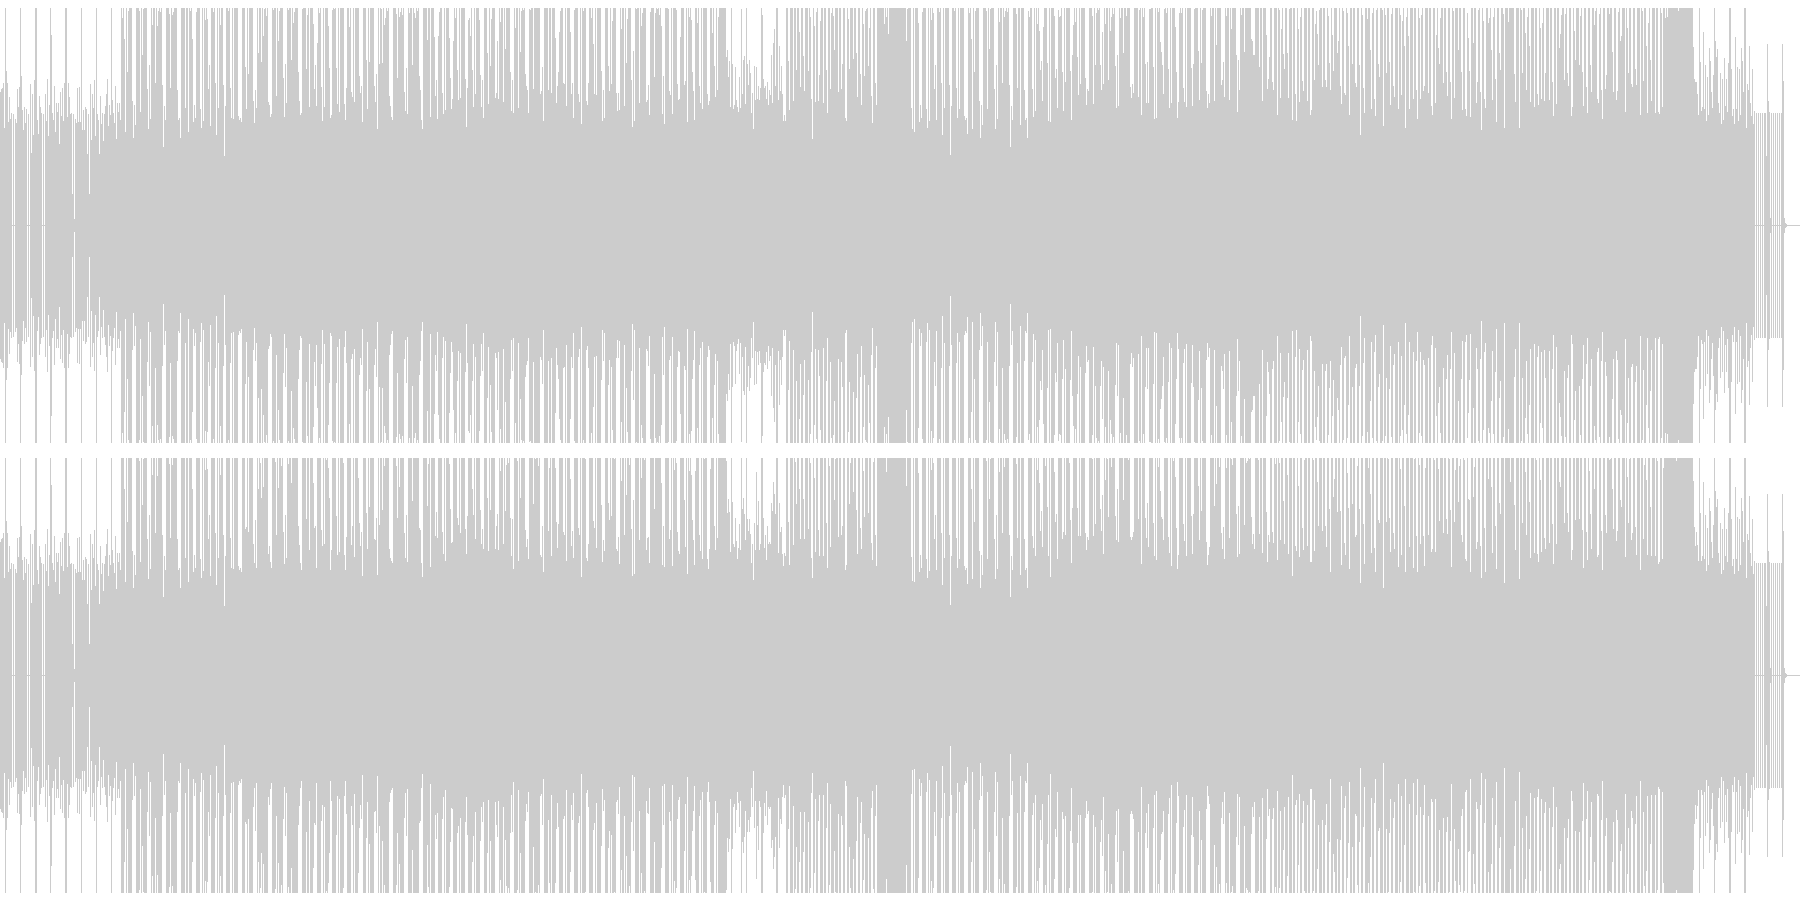 獰猛なイメージのベースミュージックの未再生の波形